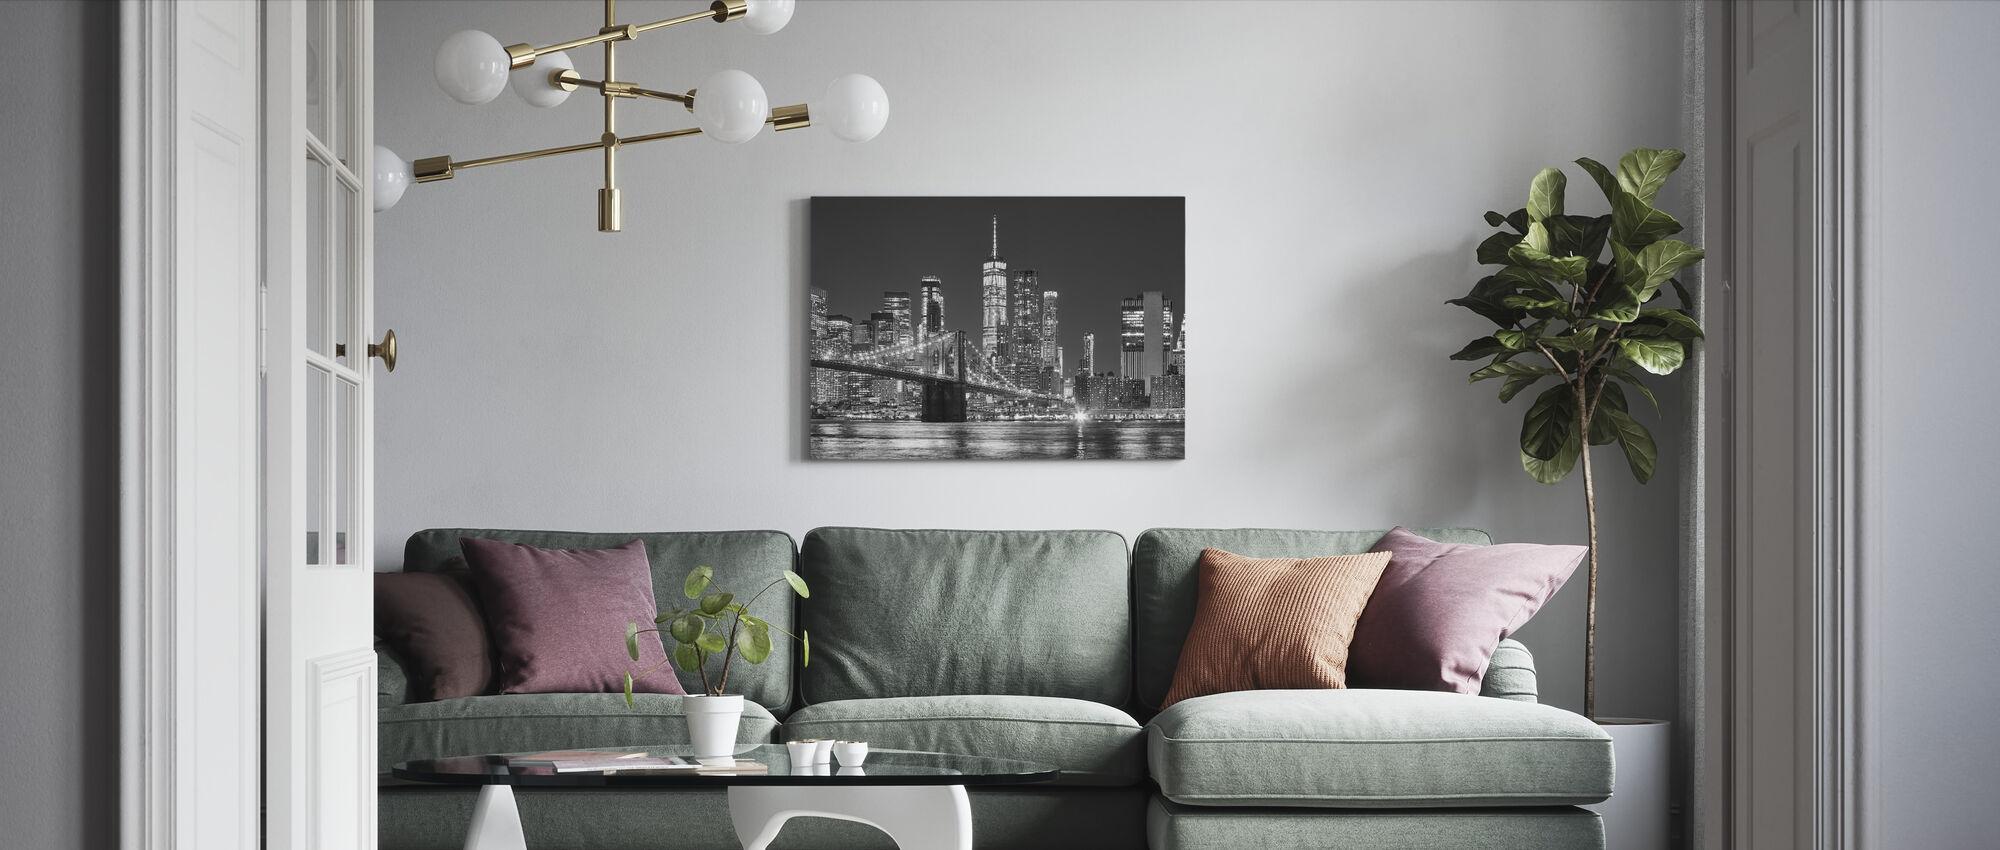 Manhattan Skyline - Canvastaulu - Olohuone